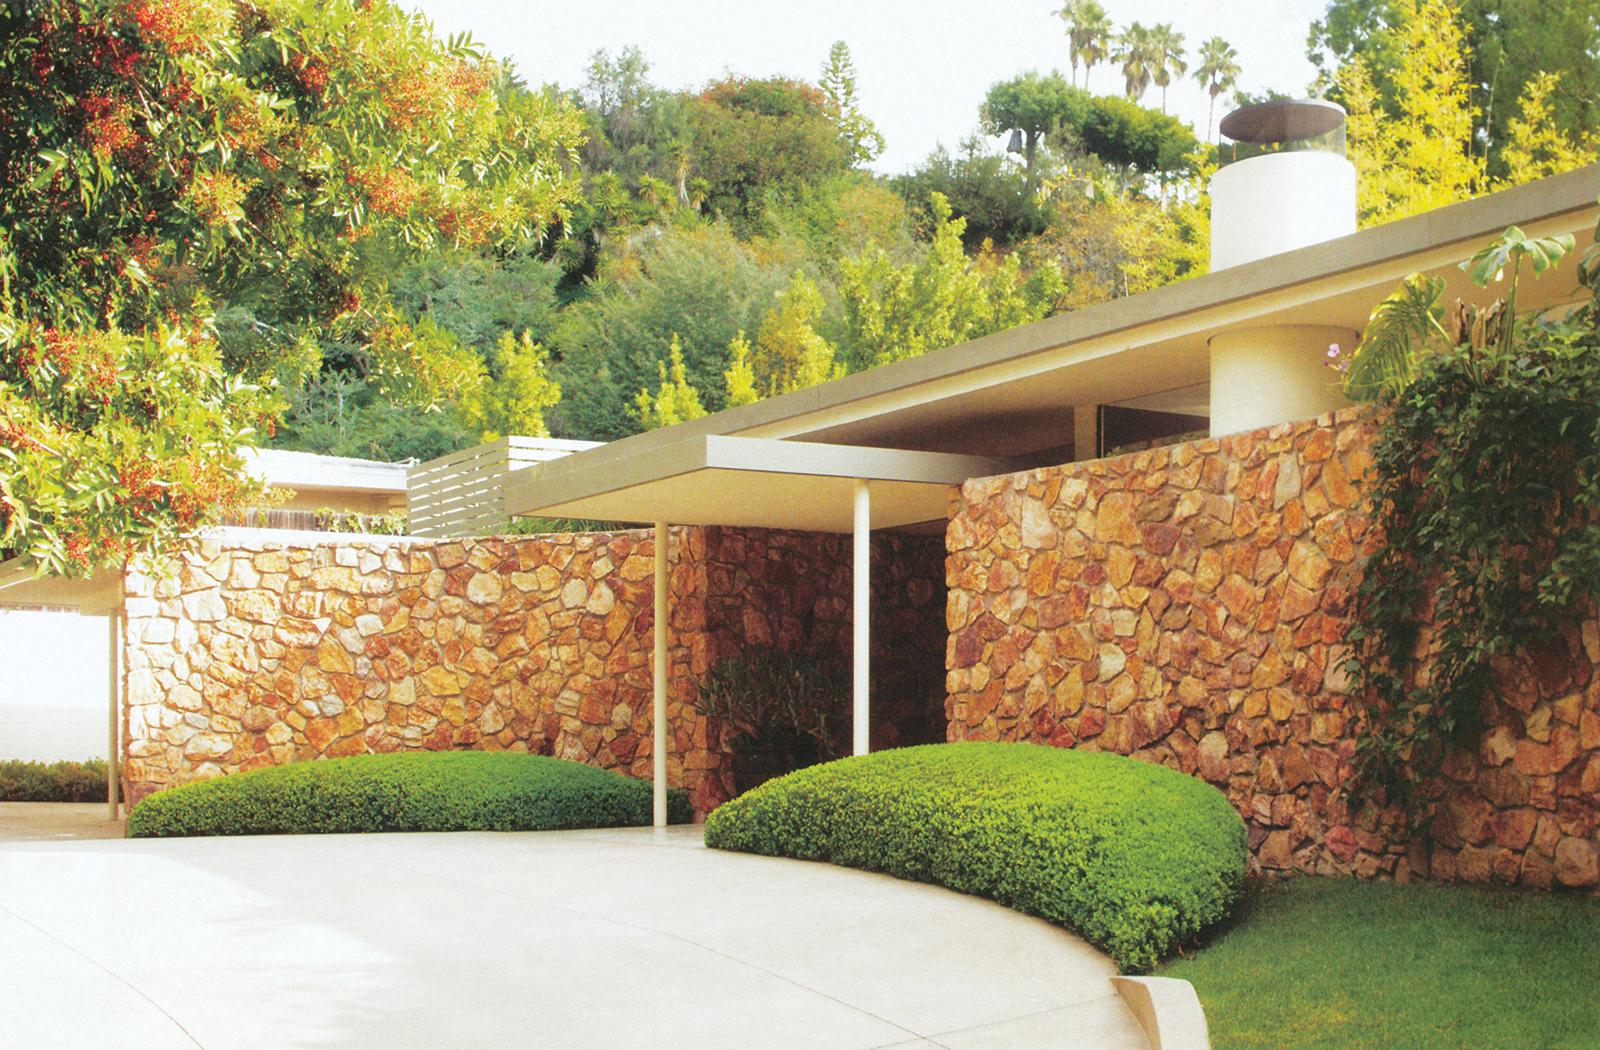 کرَنزلِر مسیر ماشینروی و نمای جلوی ساختمان، که طرحی مطابق دههی پنجاه و زمان ساخته شدن این بنا داشتند را تغییر نداد. اما طراحی منظر این قسمت از خانهی خود را به شرکت آرت لونا گاردن محوّل کرد.